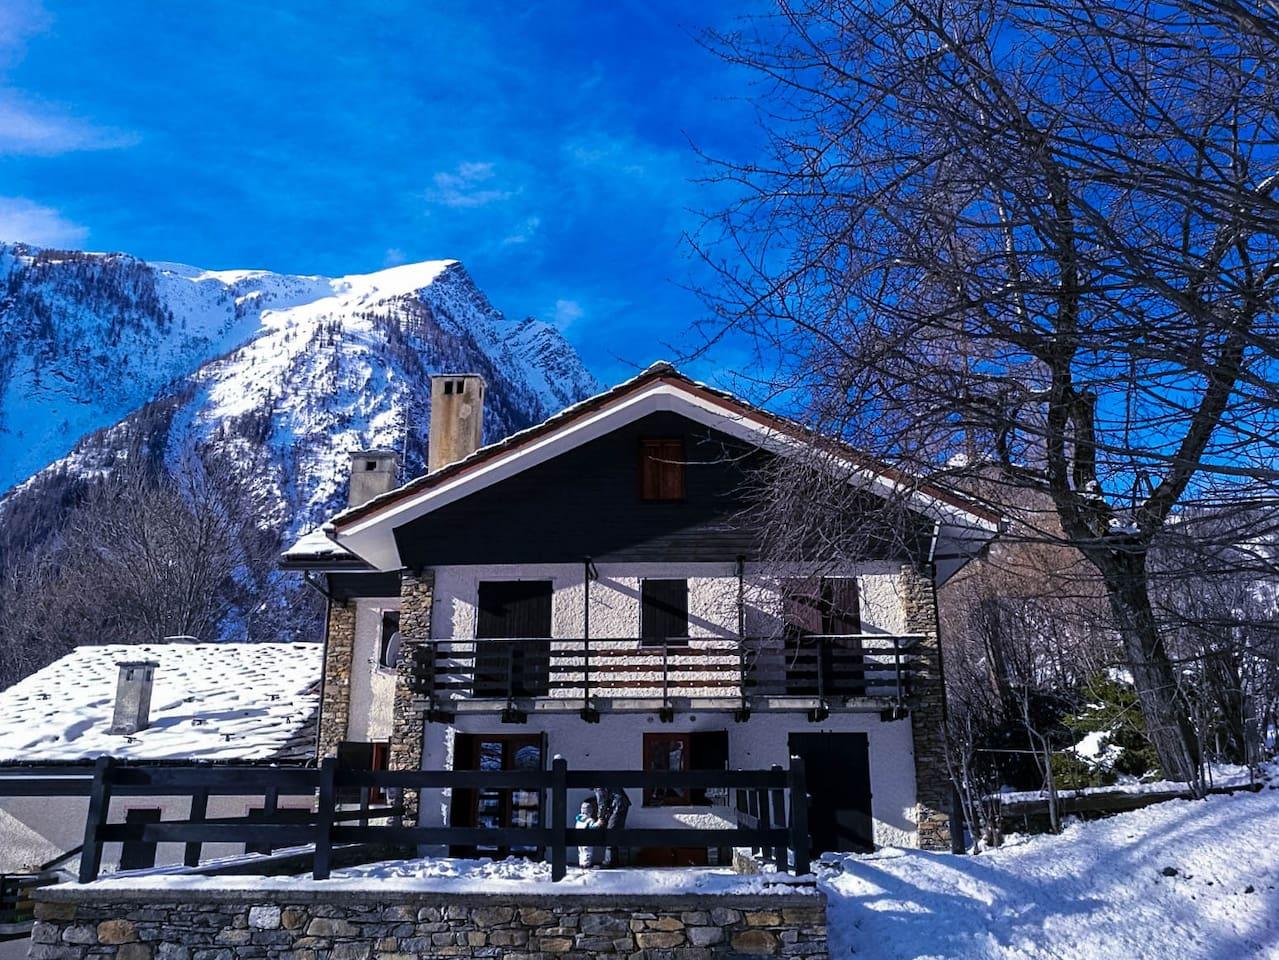 L'alloggio Mont Cormet, ad un passo dalle montagne